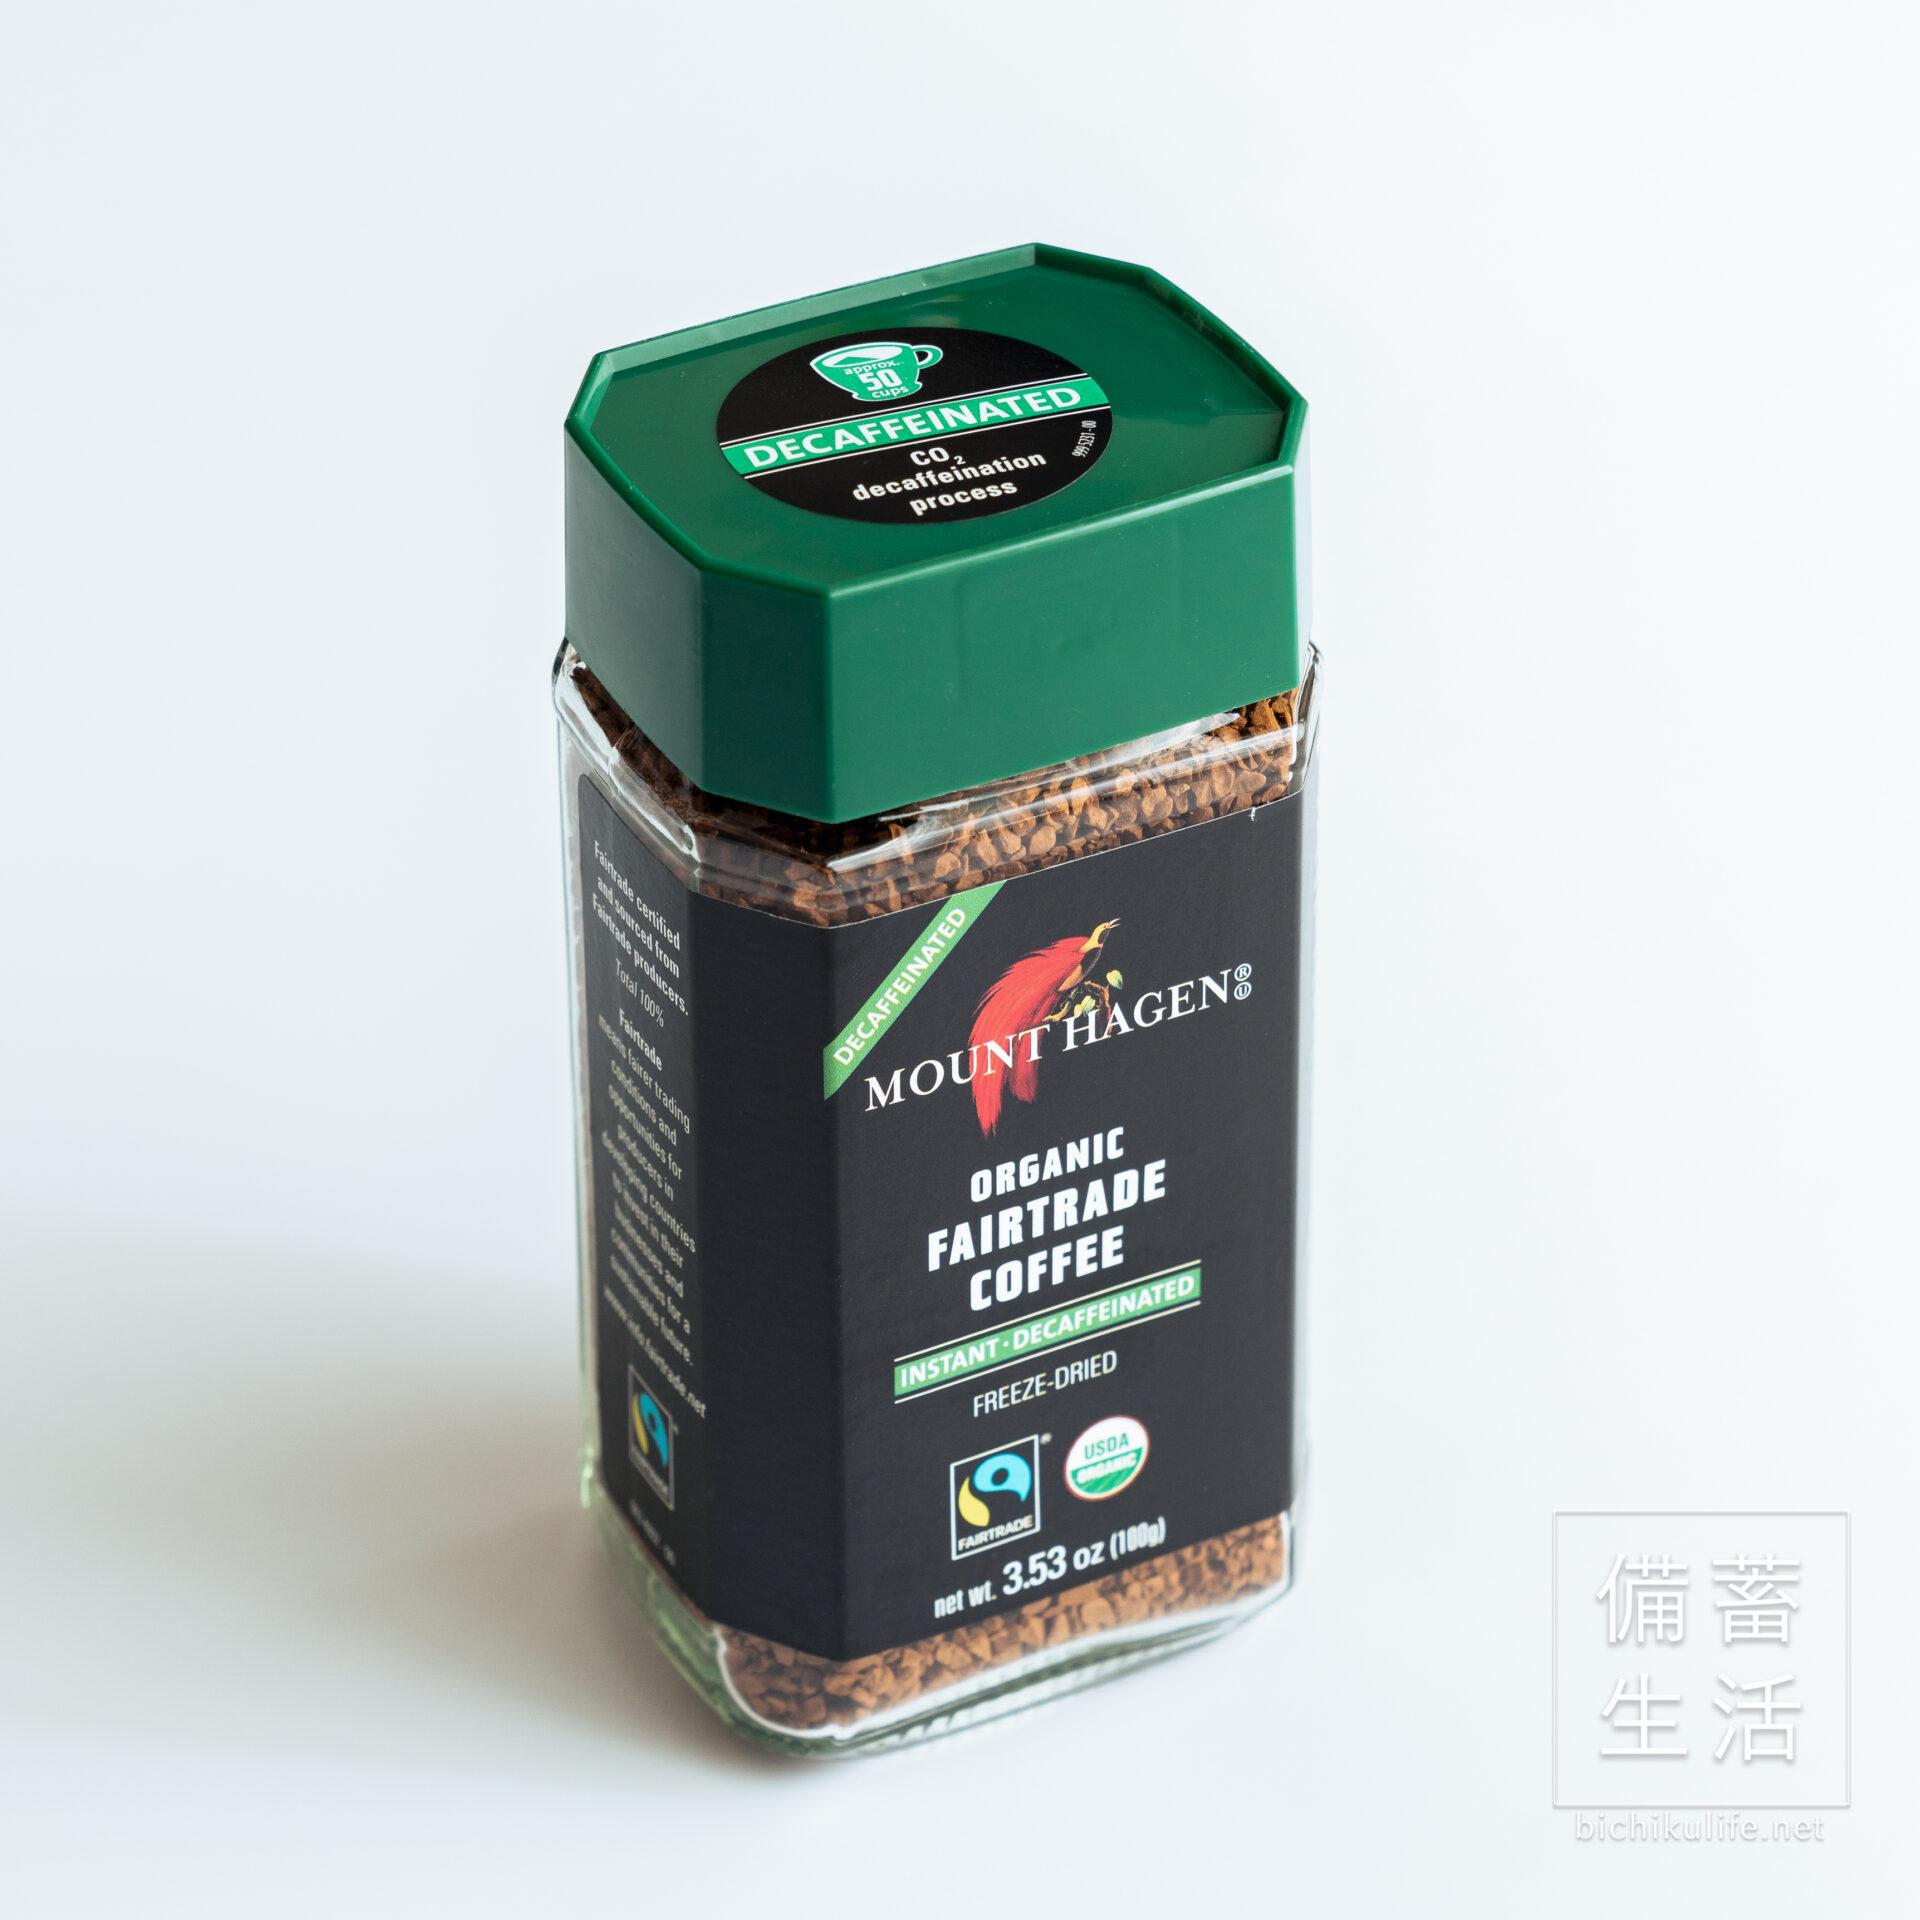 Mount Hagen オーガニックフェアトレードコーヒー